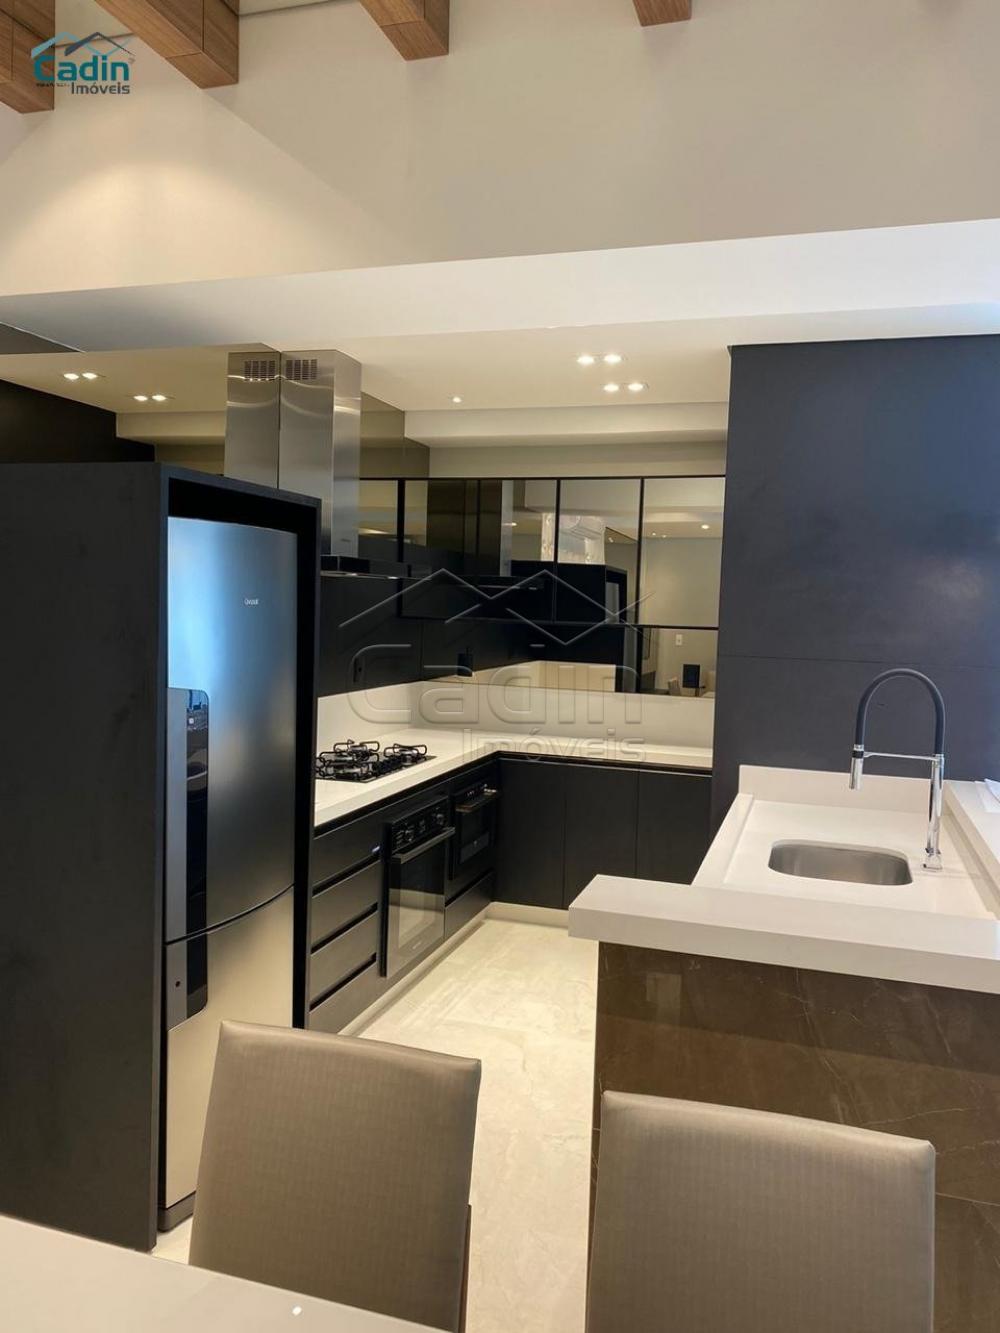 Comprar Apartamento / Padrão em Navegantes R$ 545.361,68 - Foto 47